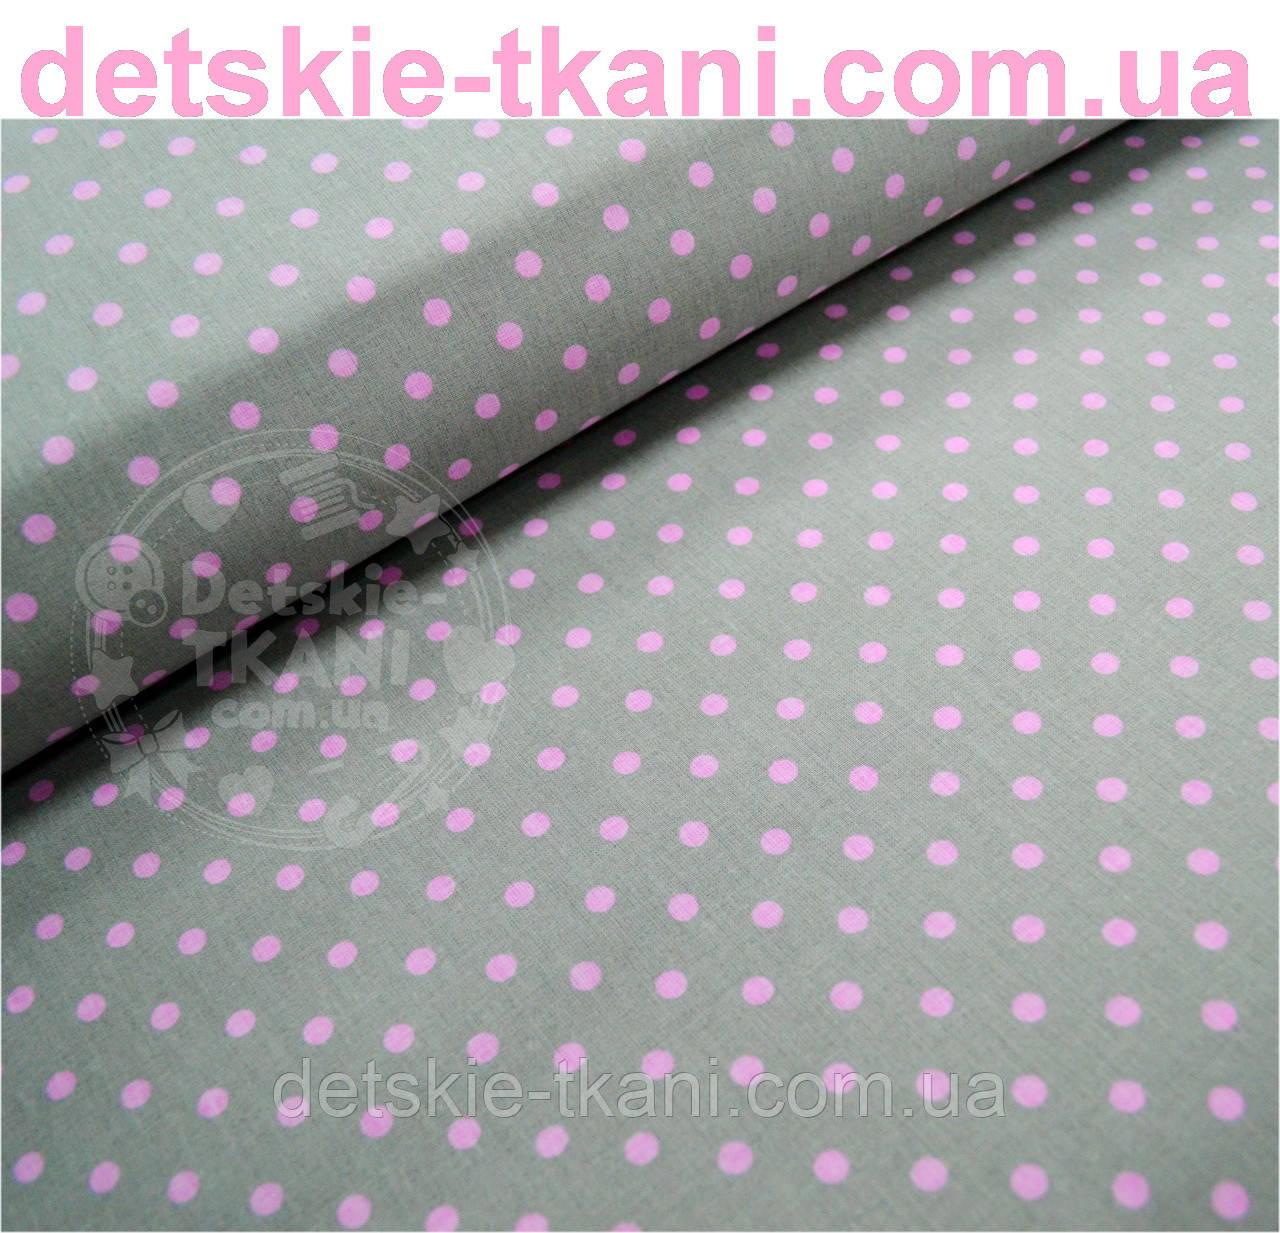 Ткань с розовым горошком 6 мм на сером фоне № 488